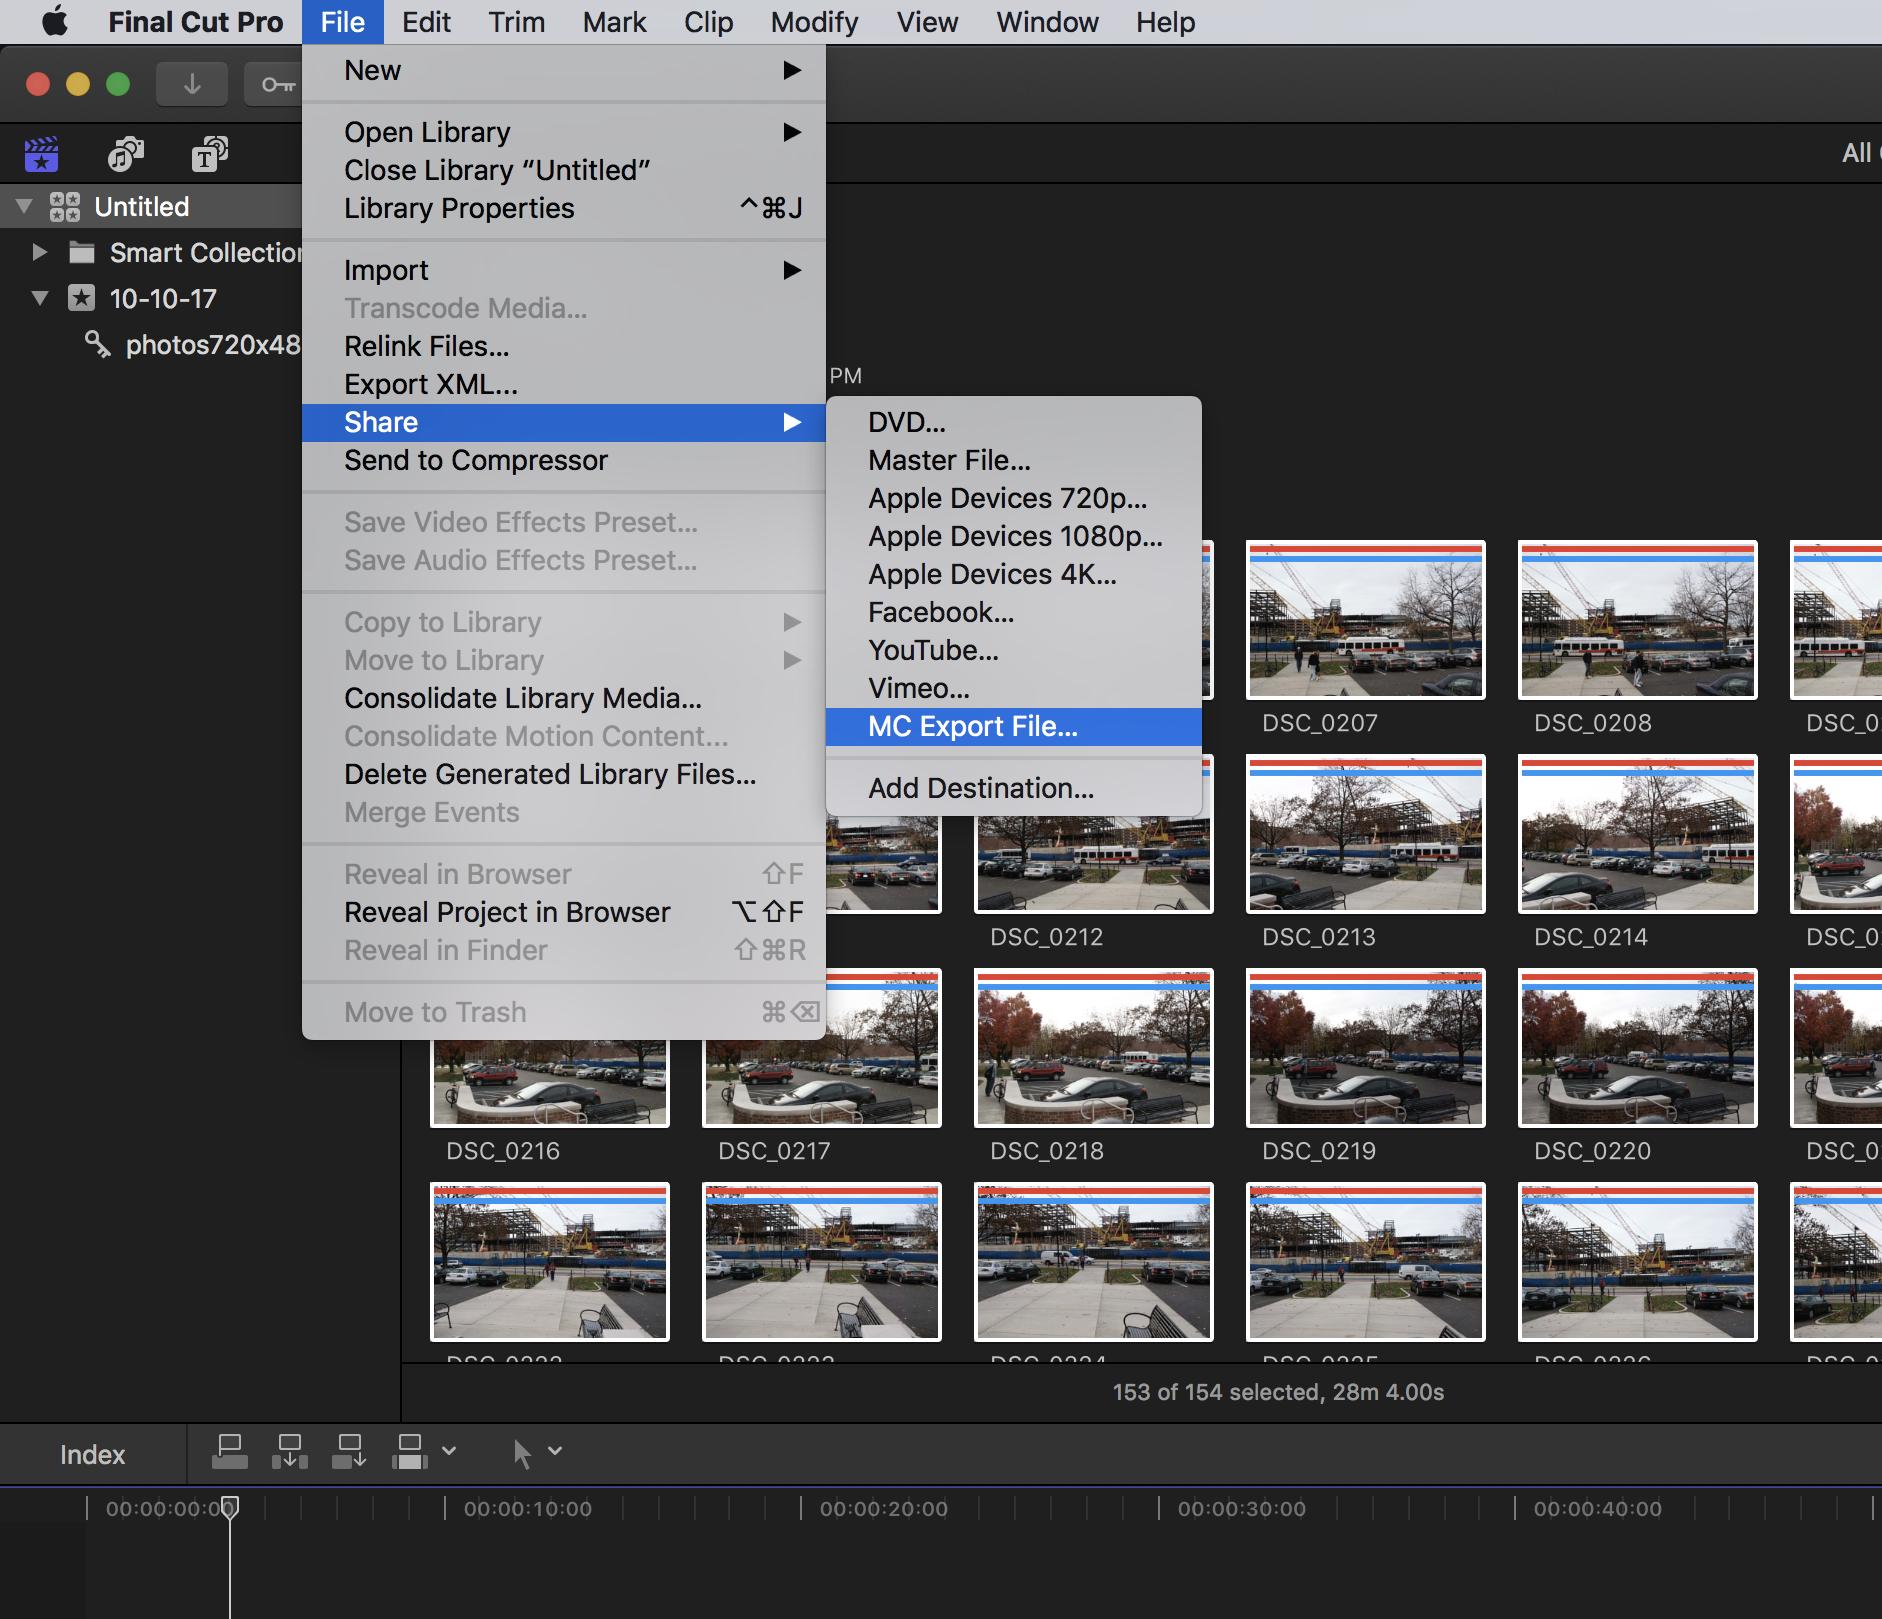 File drop down menu select share select mc export file